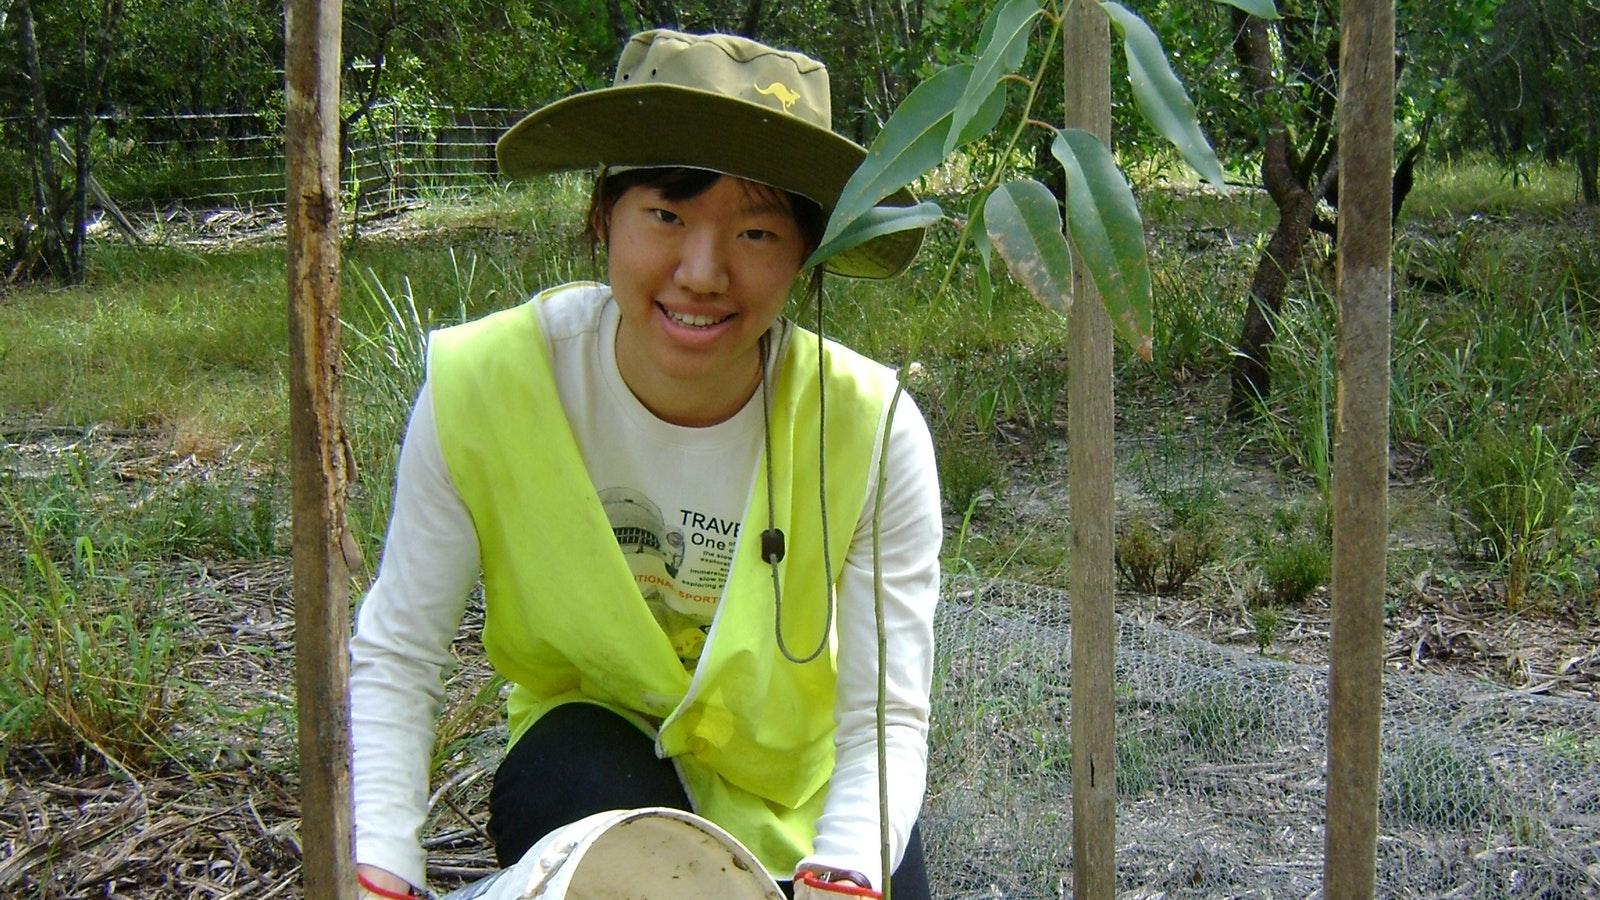 Volunteer watering trees